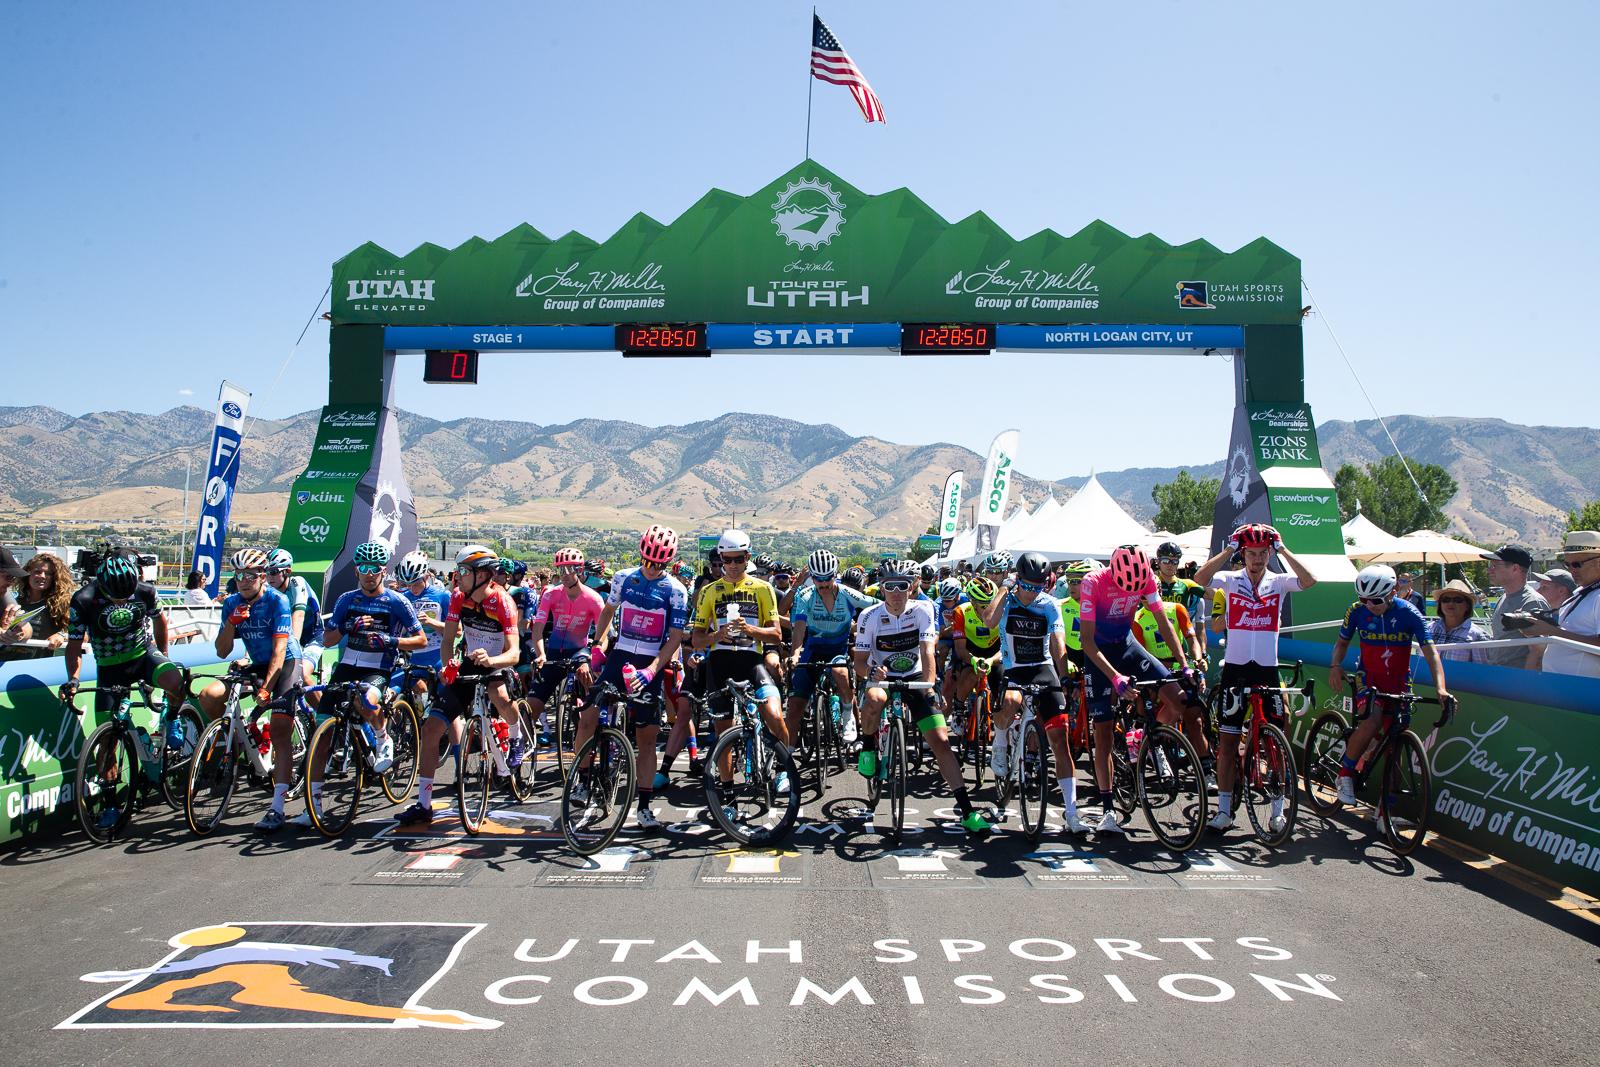 2019 Tour of Utah Stage 1. Photo: Cathy Fegan-Kim